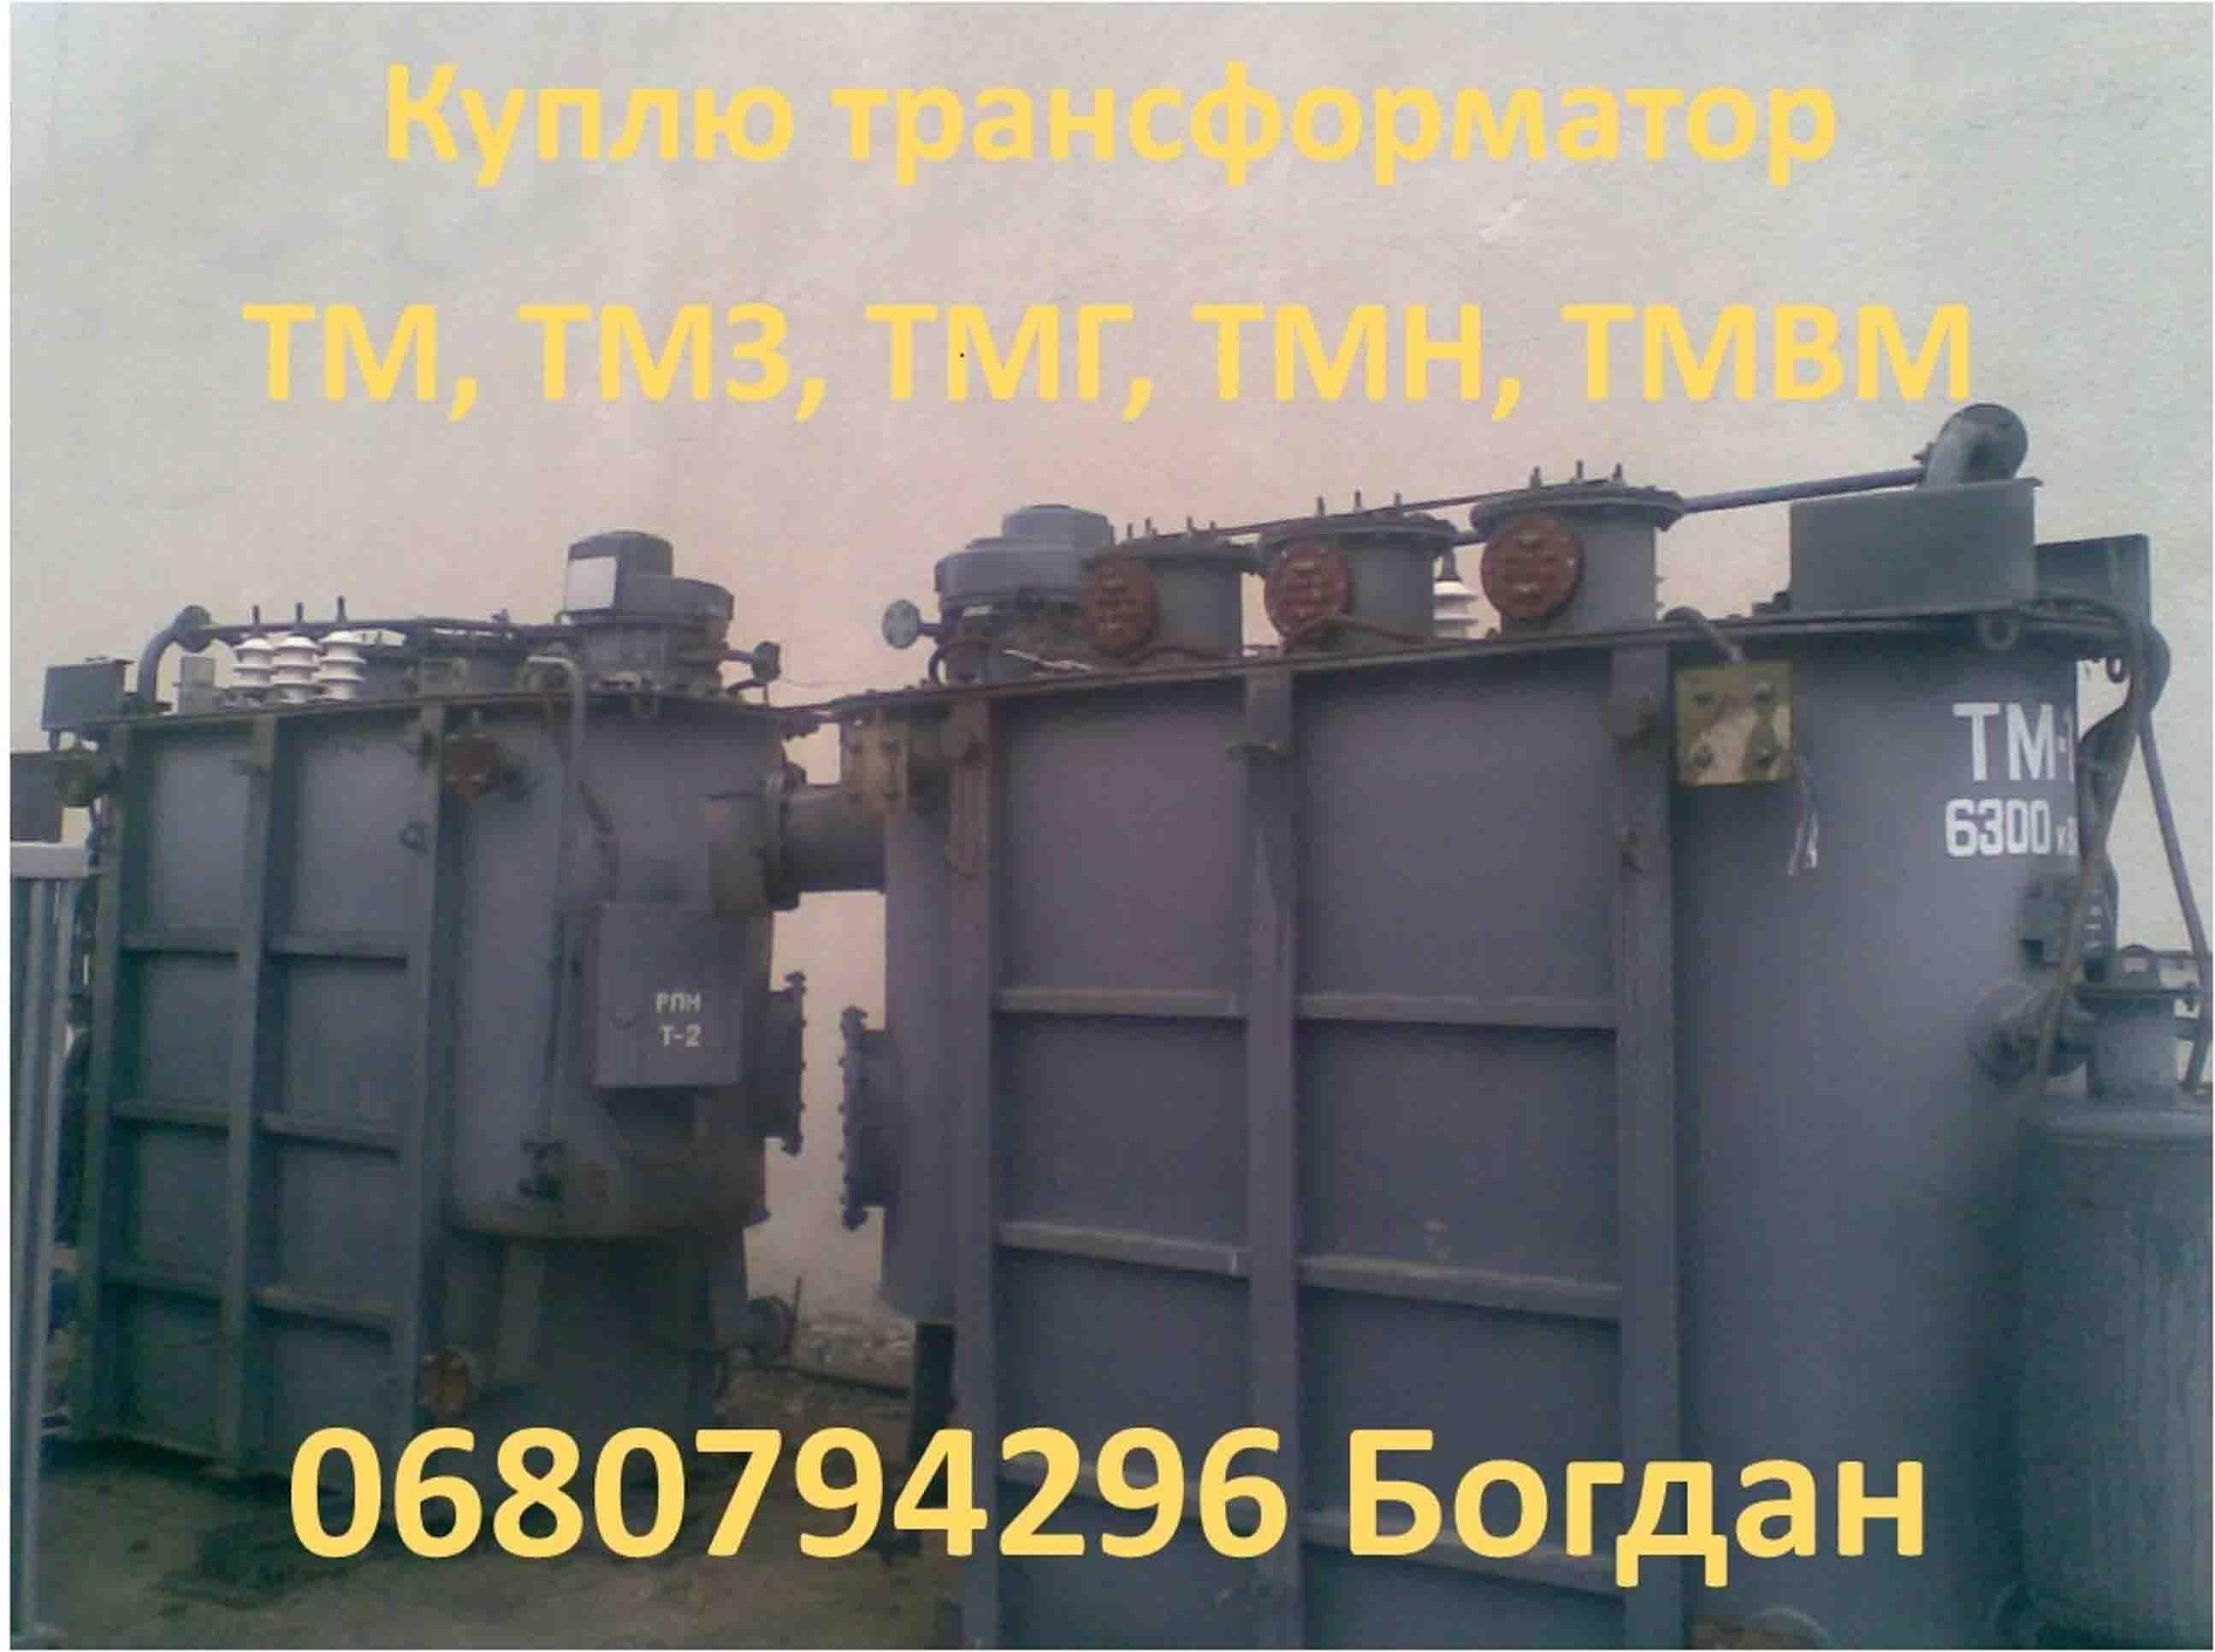 Трансформаторы Б/У ТМ, ТМН, ТМЗ, ТМГ, ТДН